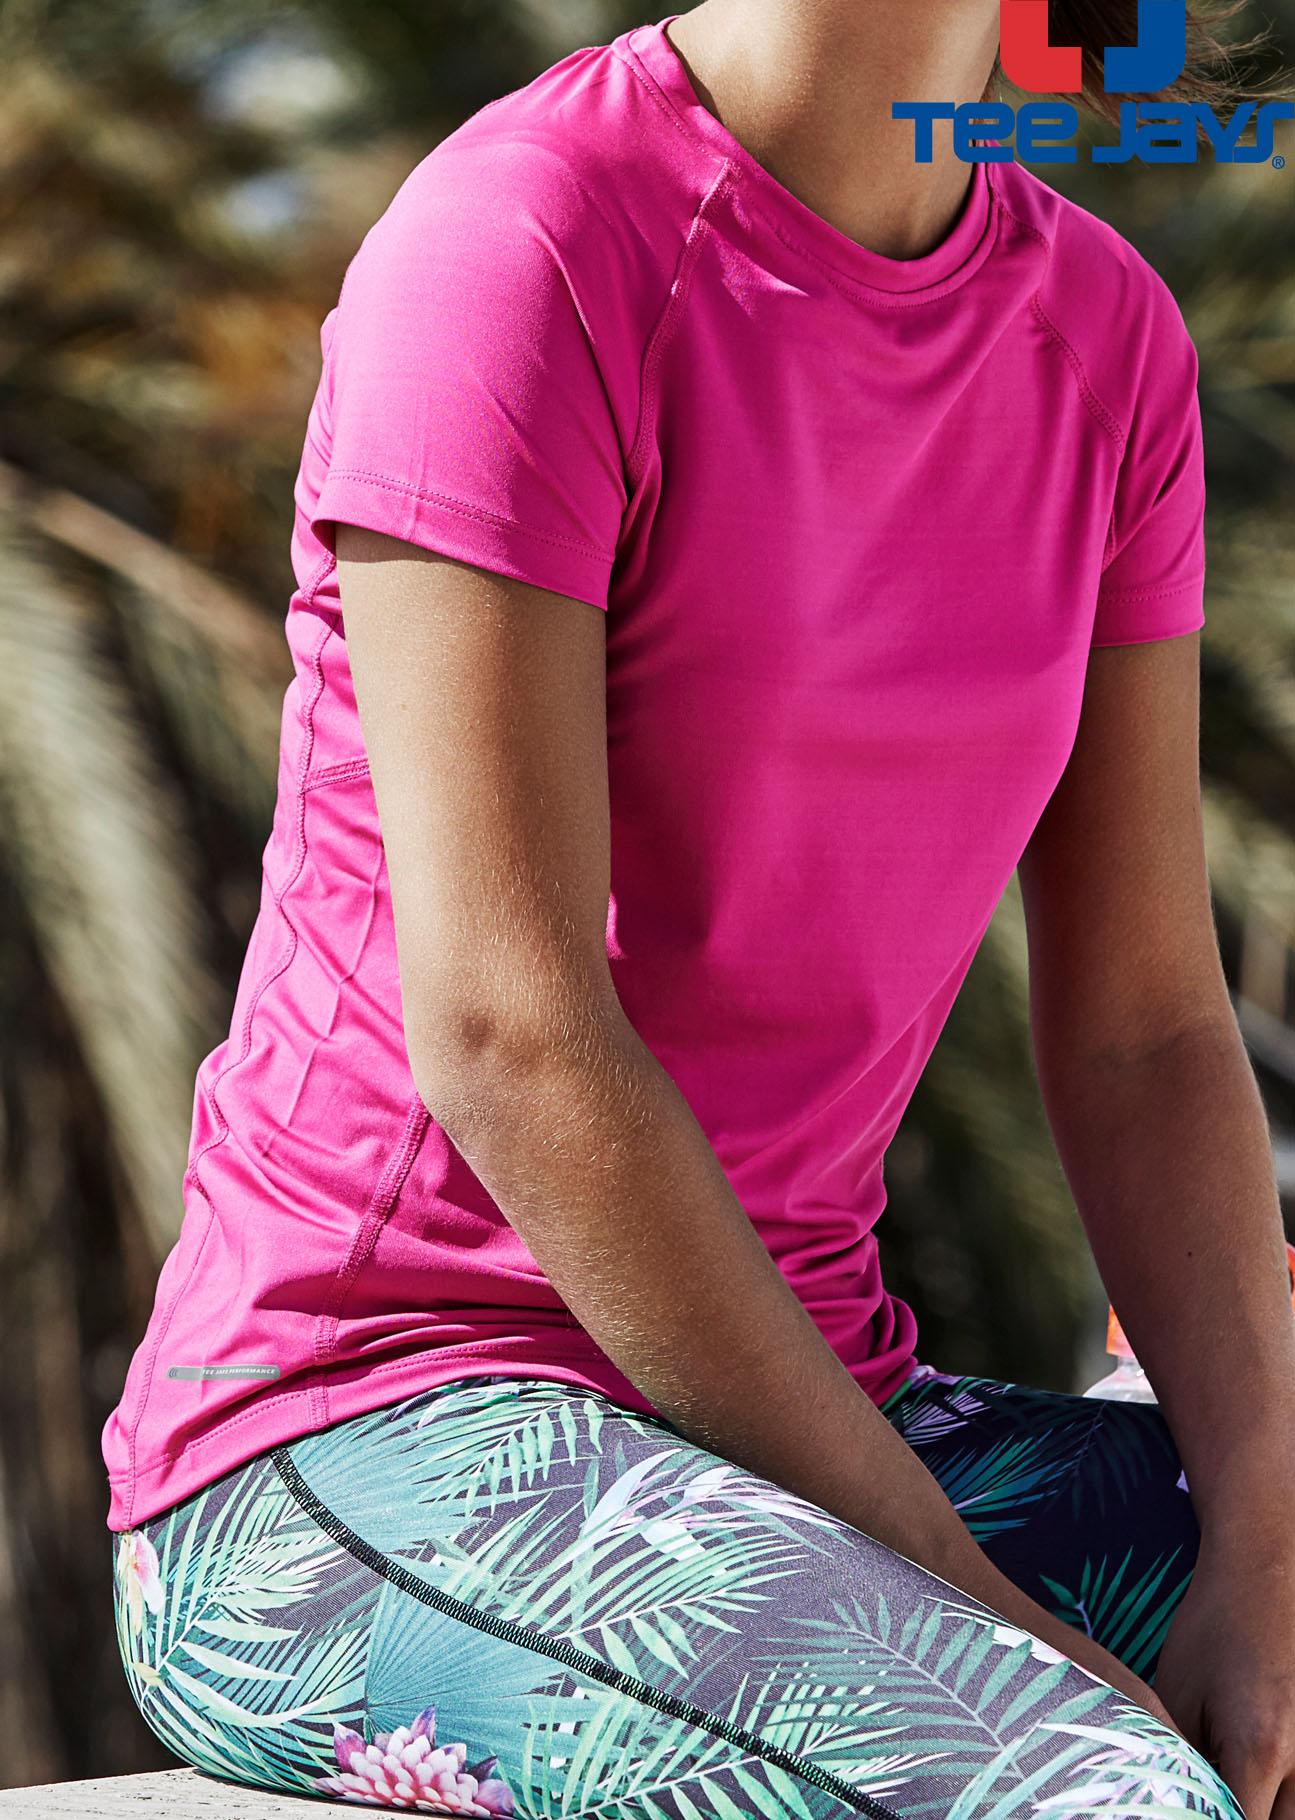 info for 17733 88a72 Tee Jays, Damen Cool Dry Funktions-Shirt, günstig bedrucken ...